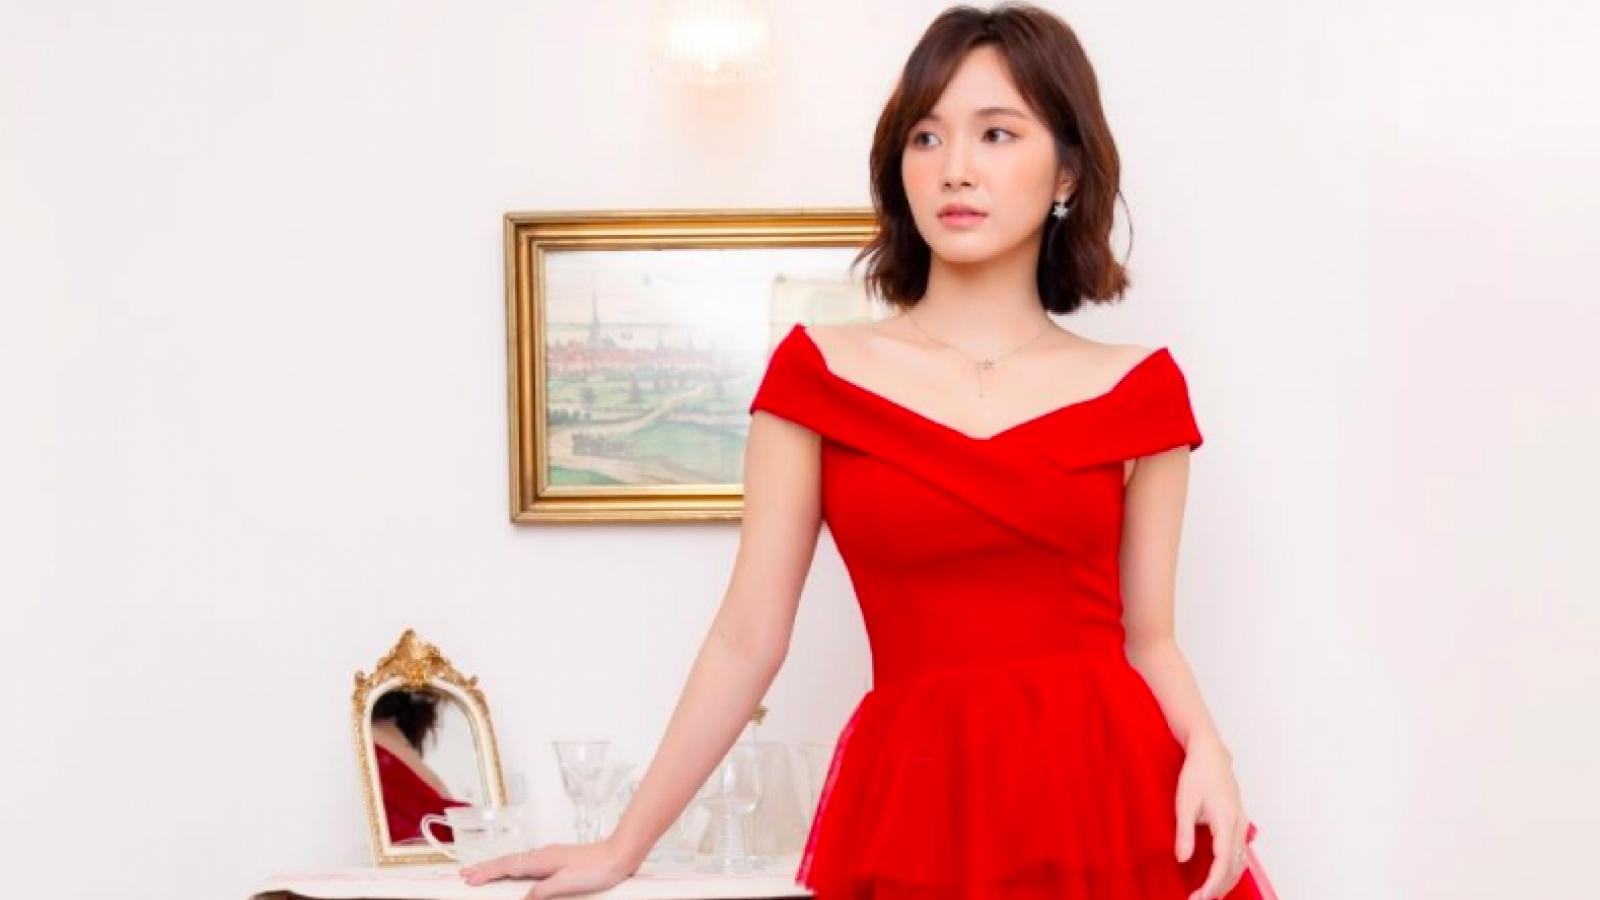 """Tung ca khúc buồn """"Bốn mùa"""", Jang Mi không lo nhạc sầu vận vào bản thân"""